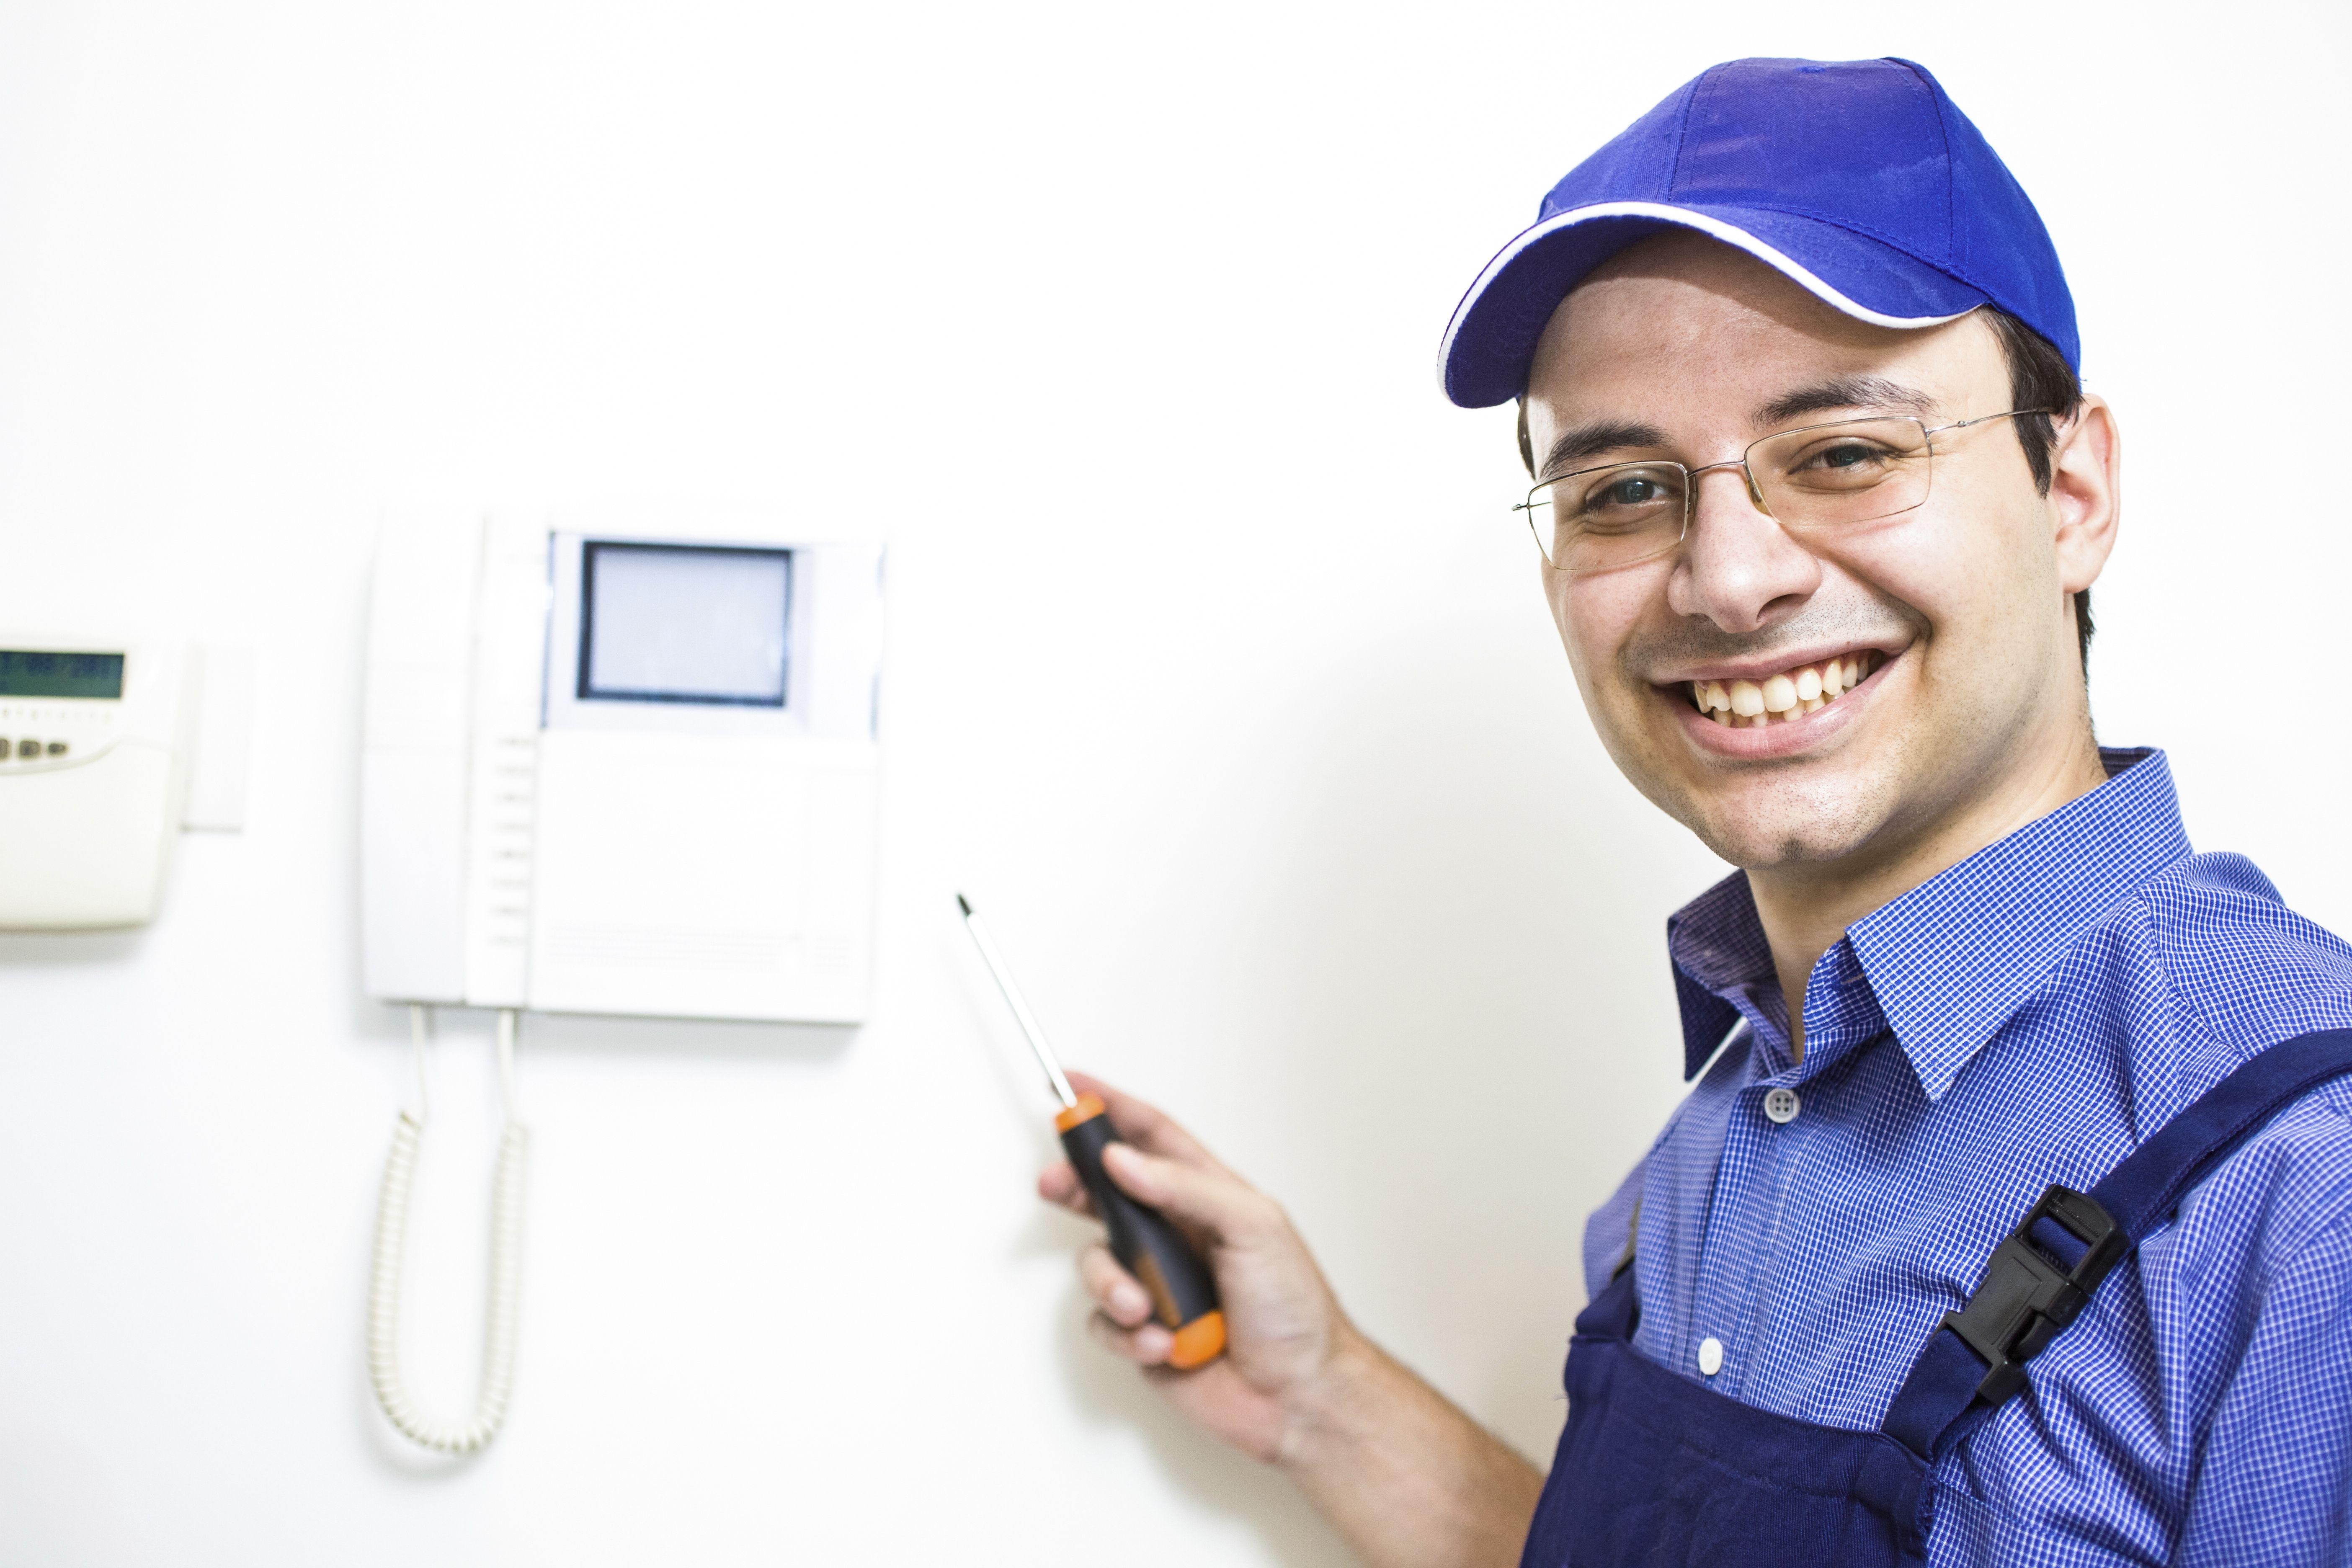 Instalación y reparación de videoporteros: Servicios de Antenas J&J